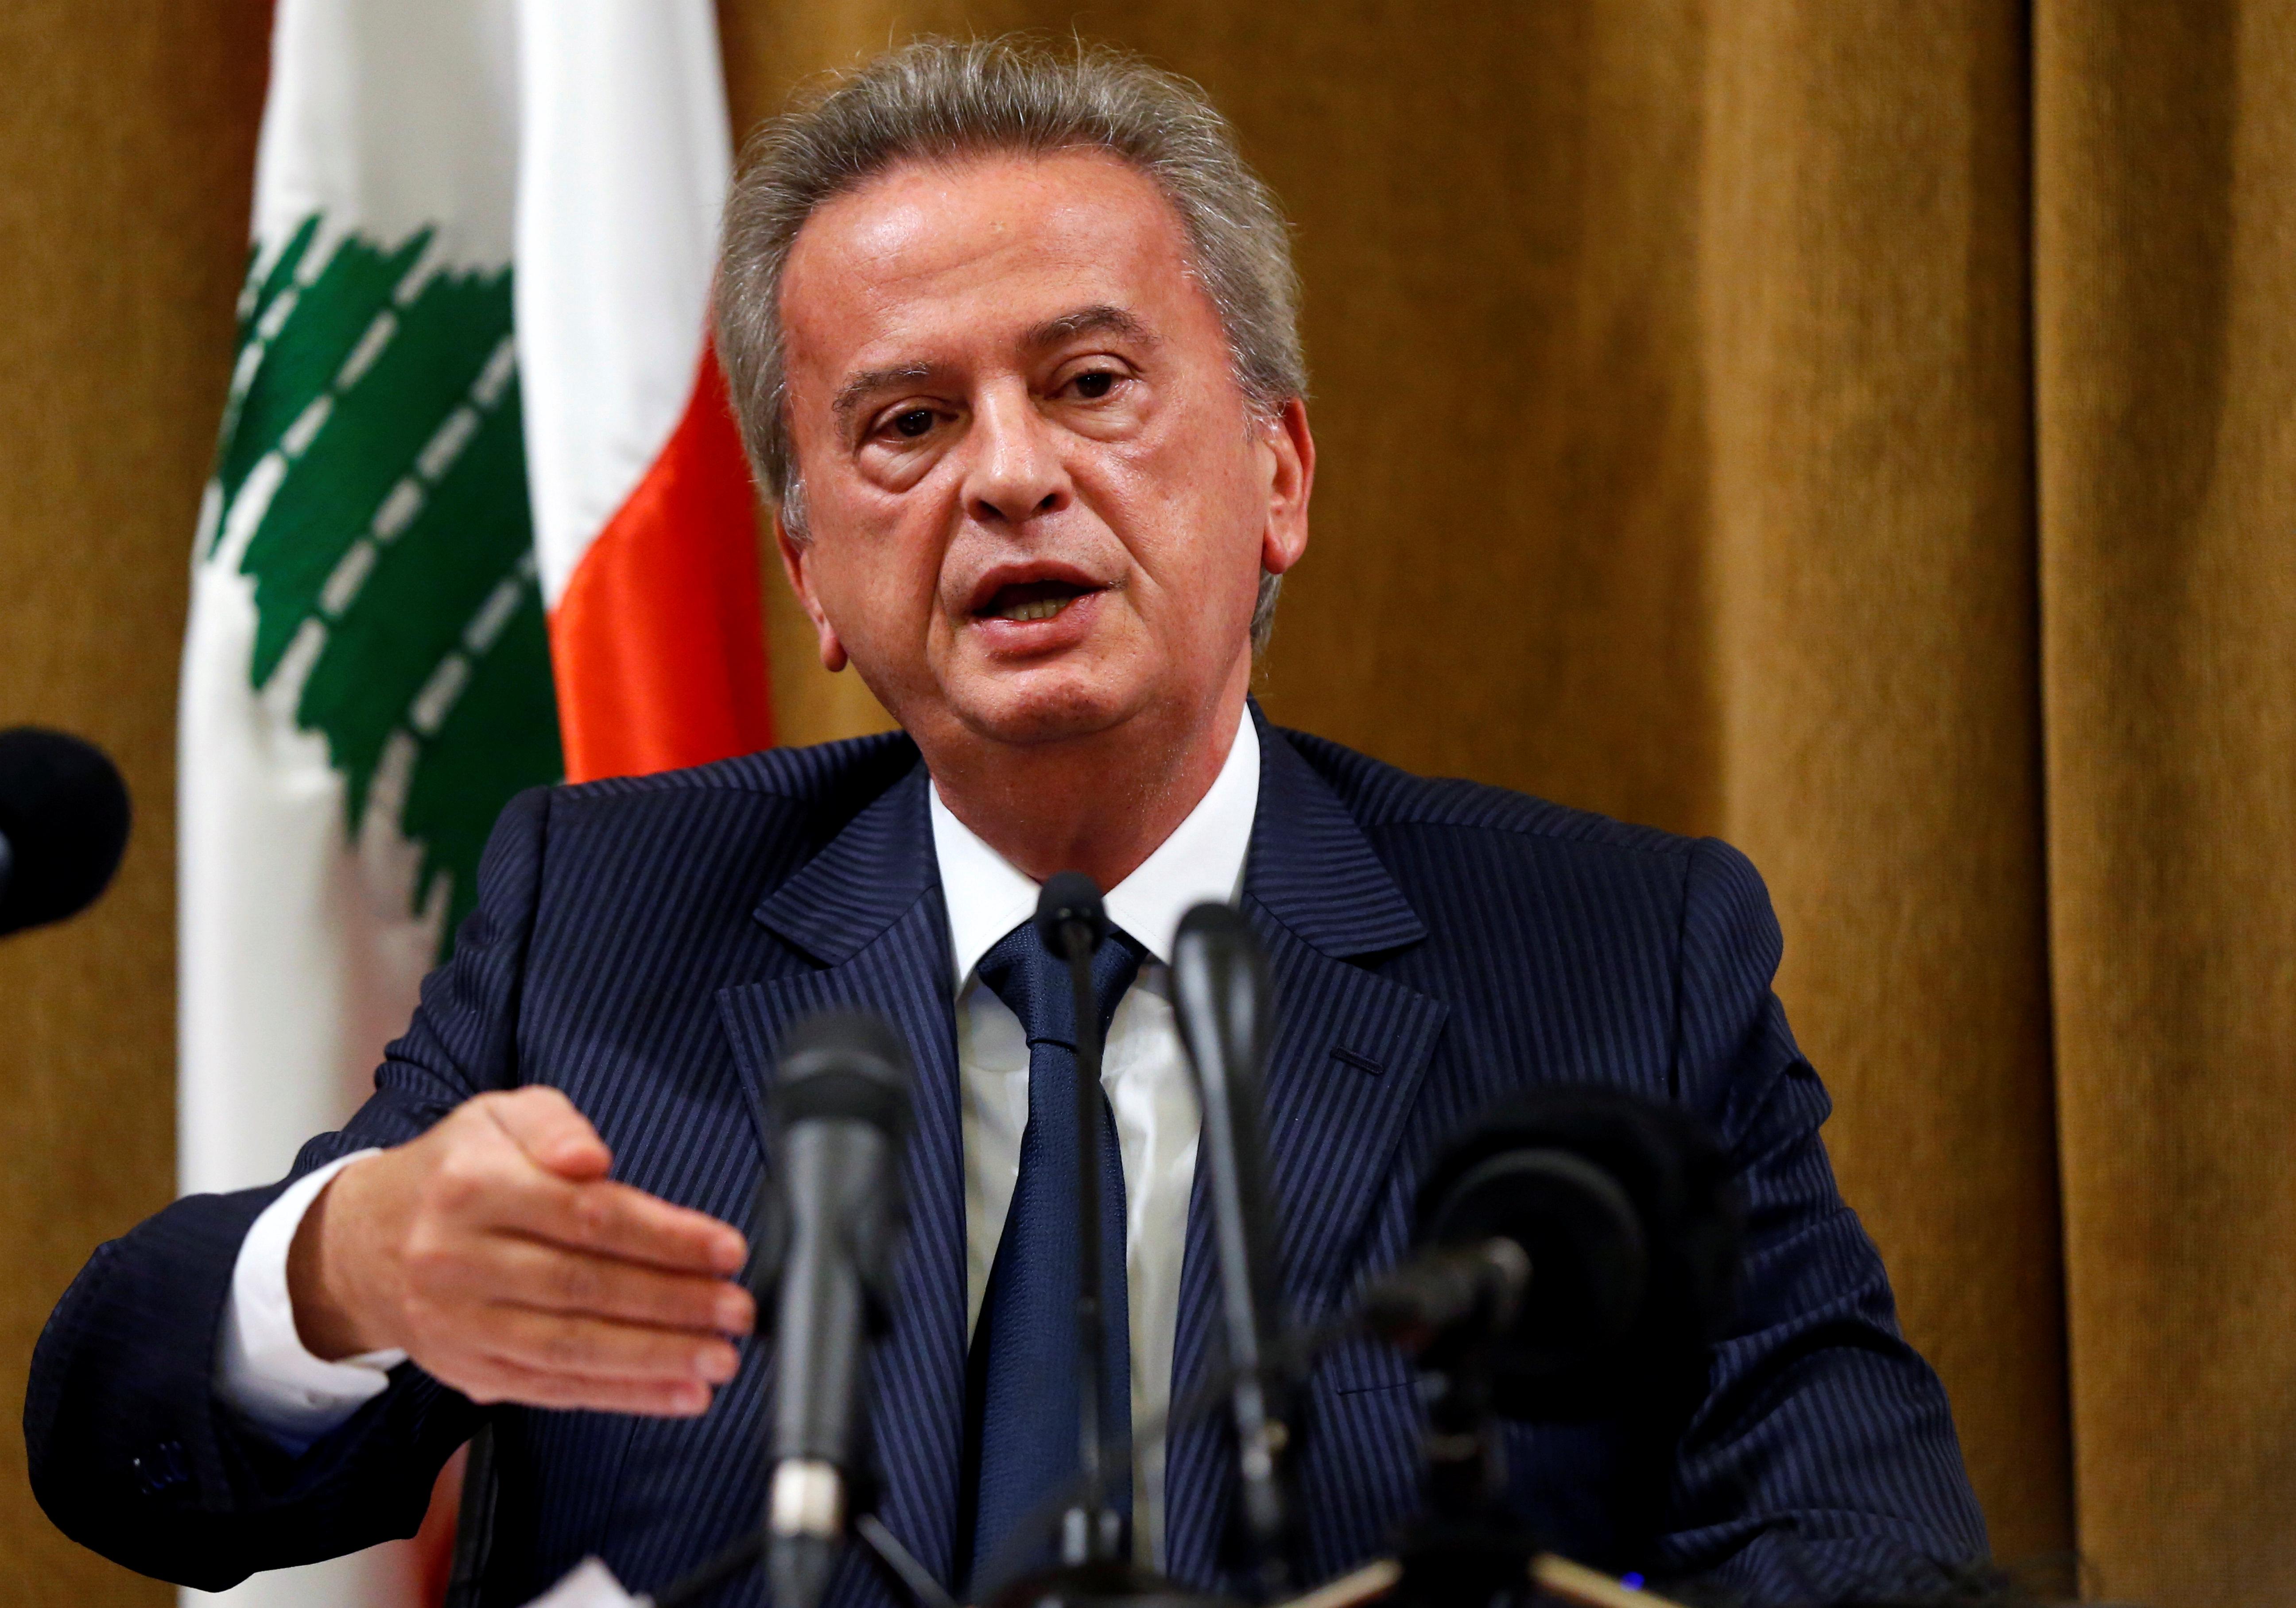 بعض الأثرياء اللبنانيين تمكنوا من سحب مبالغ كبيرة وإرسالها إلى الخارج